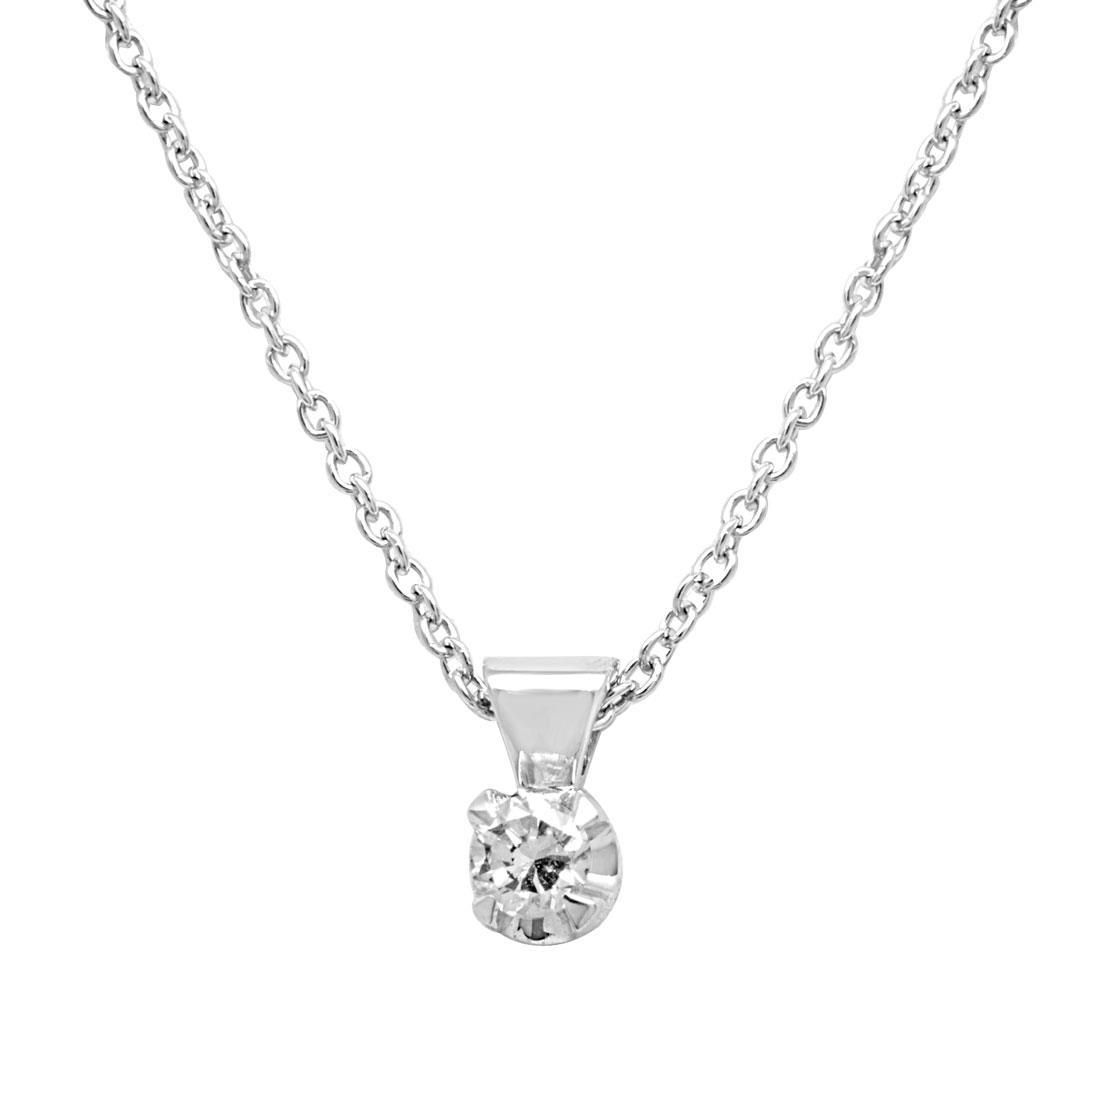 Collier punto luce in oro bianco con diamante - ALFIERI & ST. JOHN